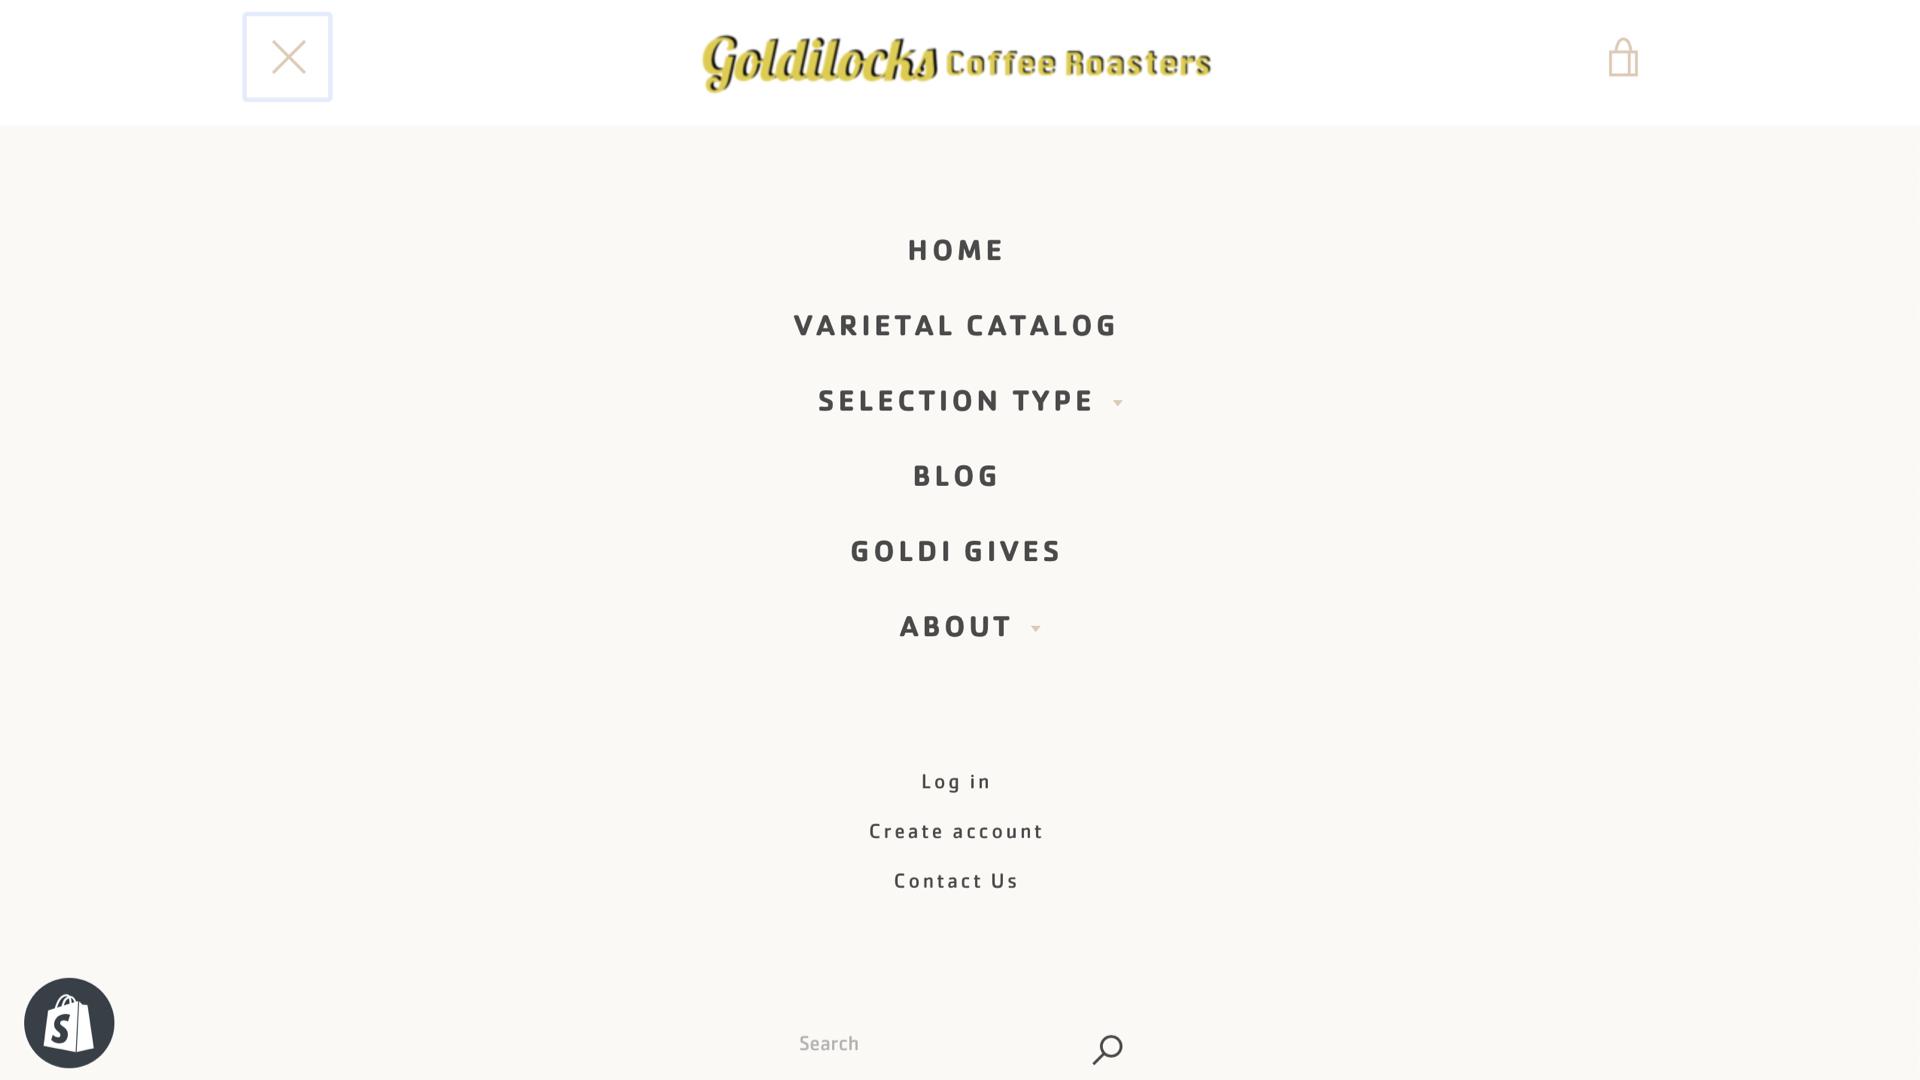 GoldilocksCoffeeRoasters.017.jpeg